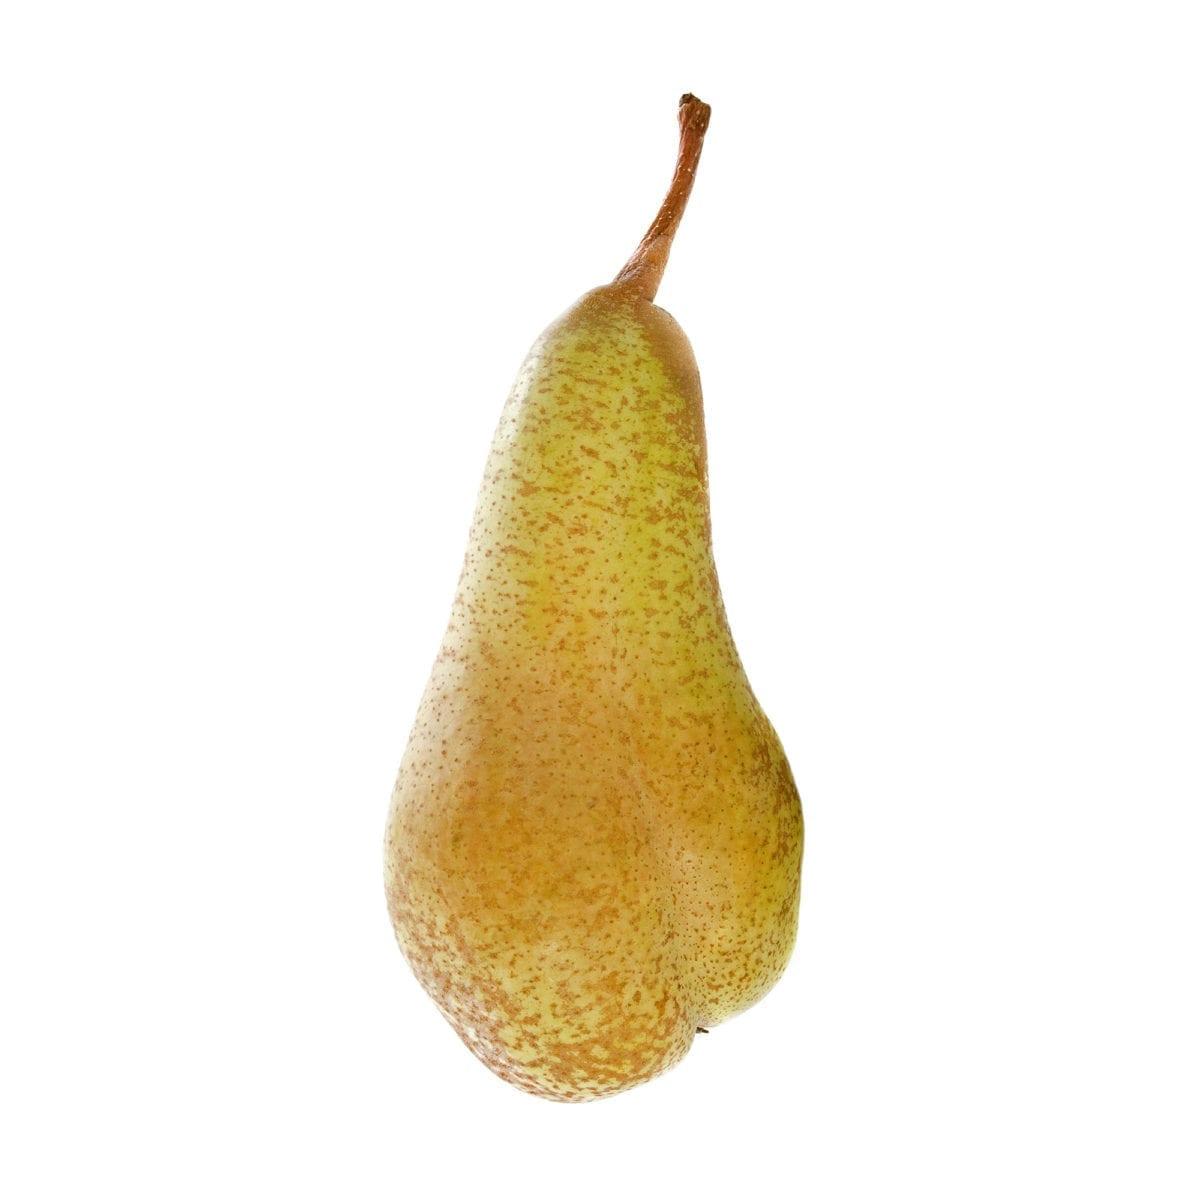 boskoopsefruitbomen | Peer sfeerfoto